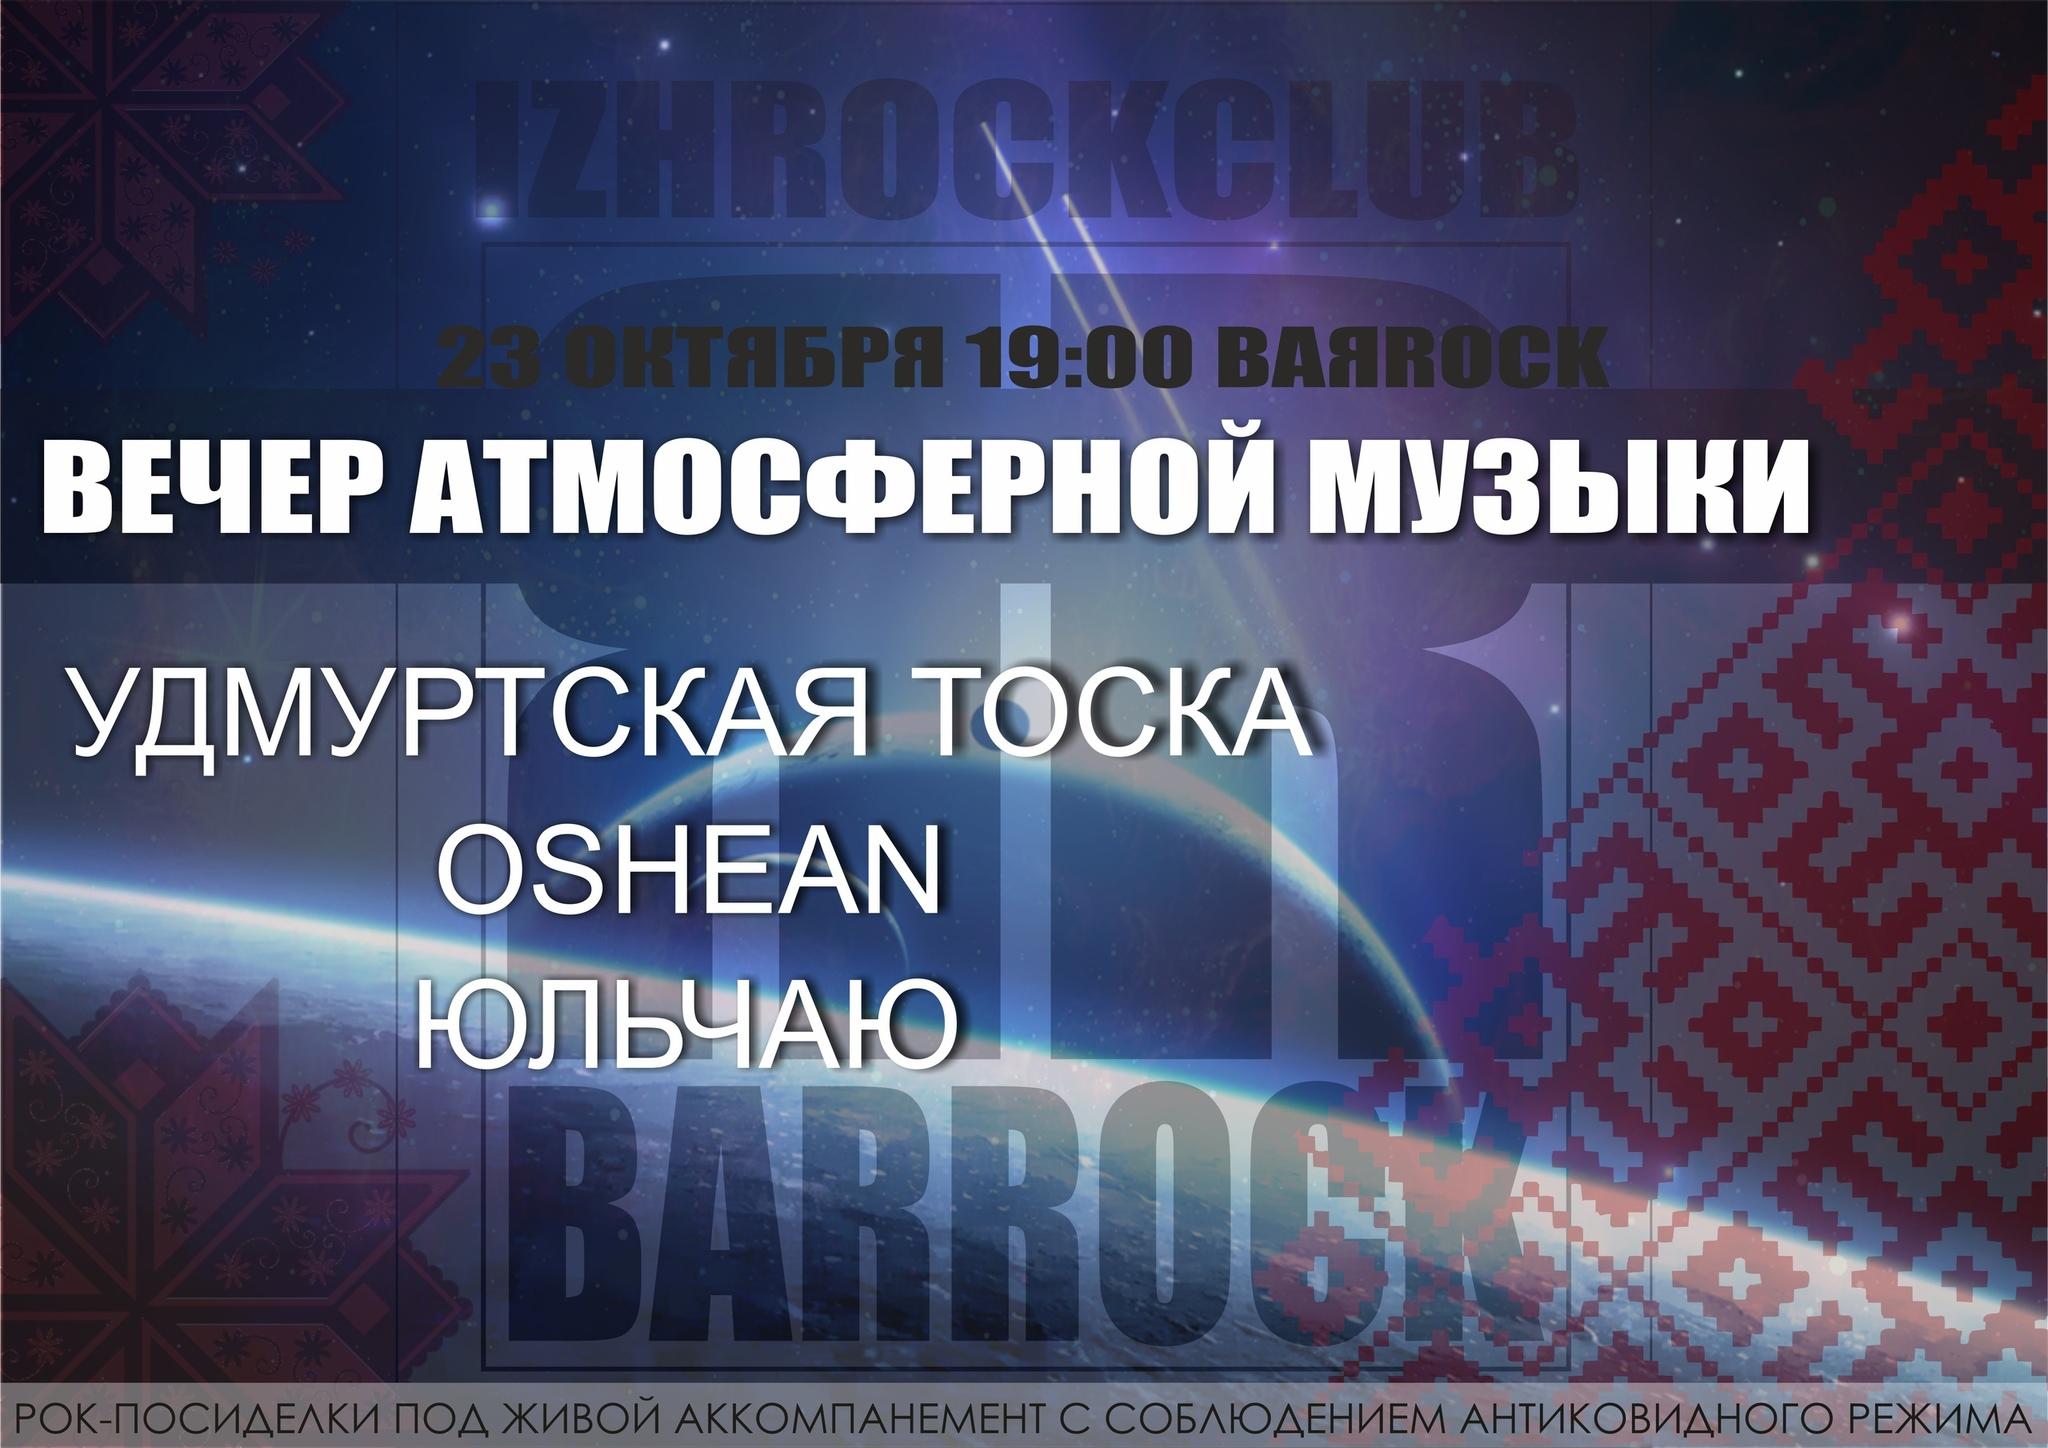 Вечер атмосферной музыки в BAЯROCK